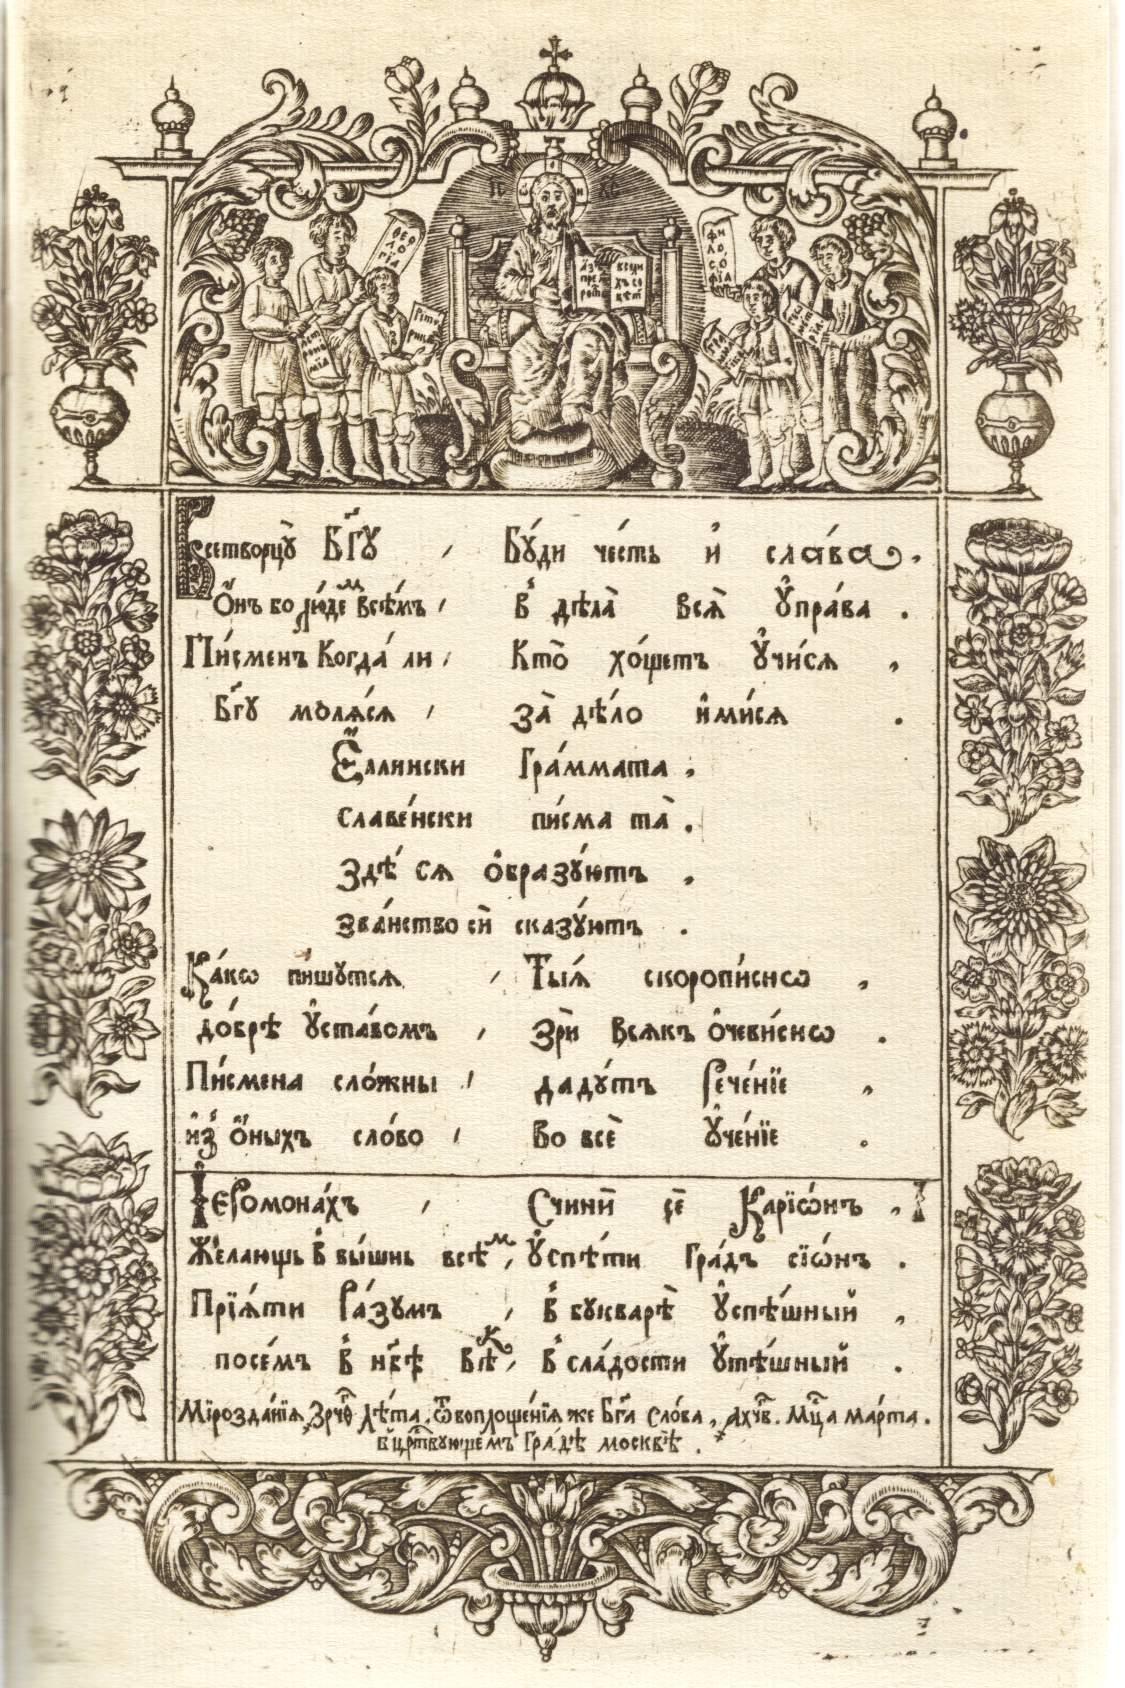 Букварь Кариона Истомина, конец 17 века